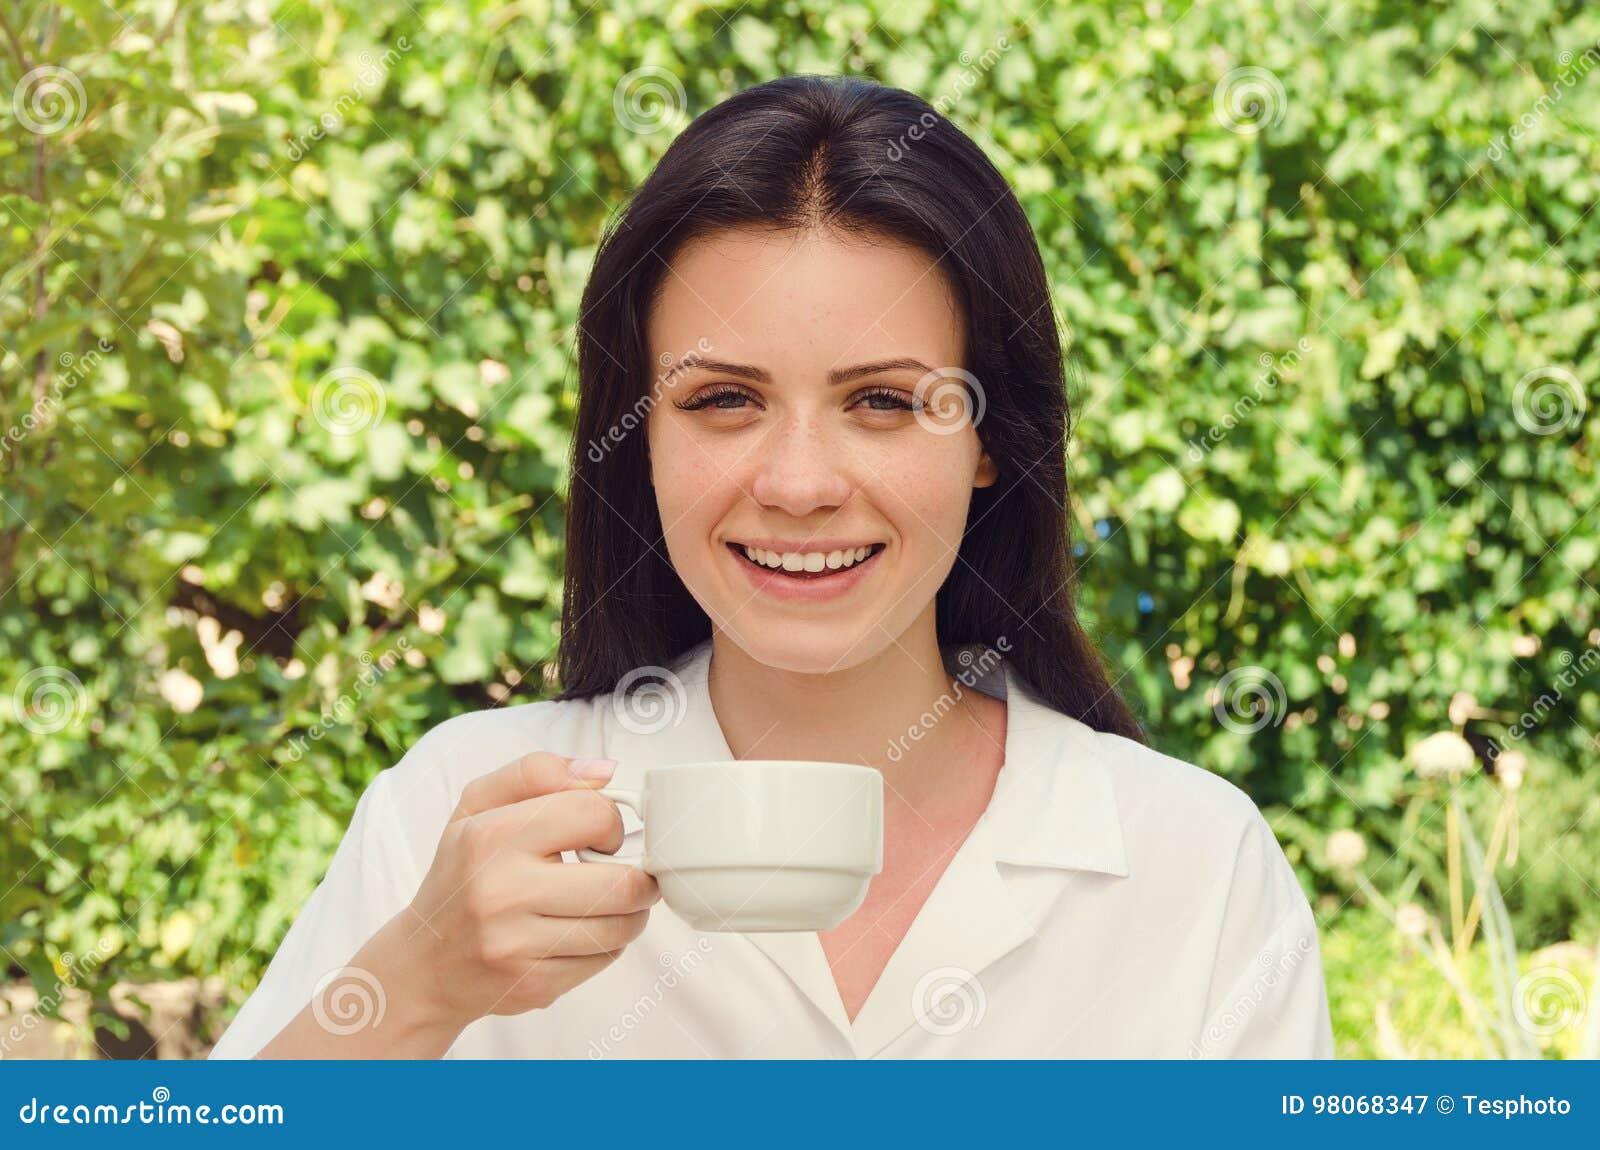 l hermosas mujer xpkztoiu Sonrisa joven café y en blanca bebidas F1c3KJuTl